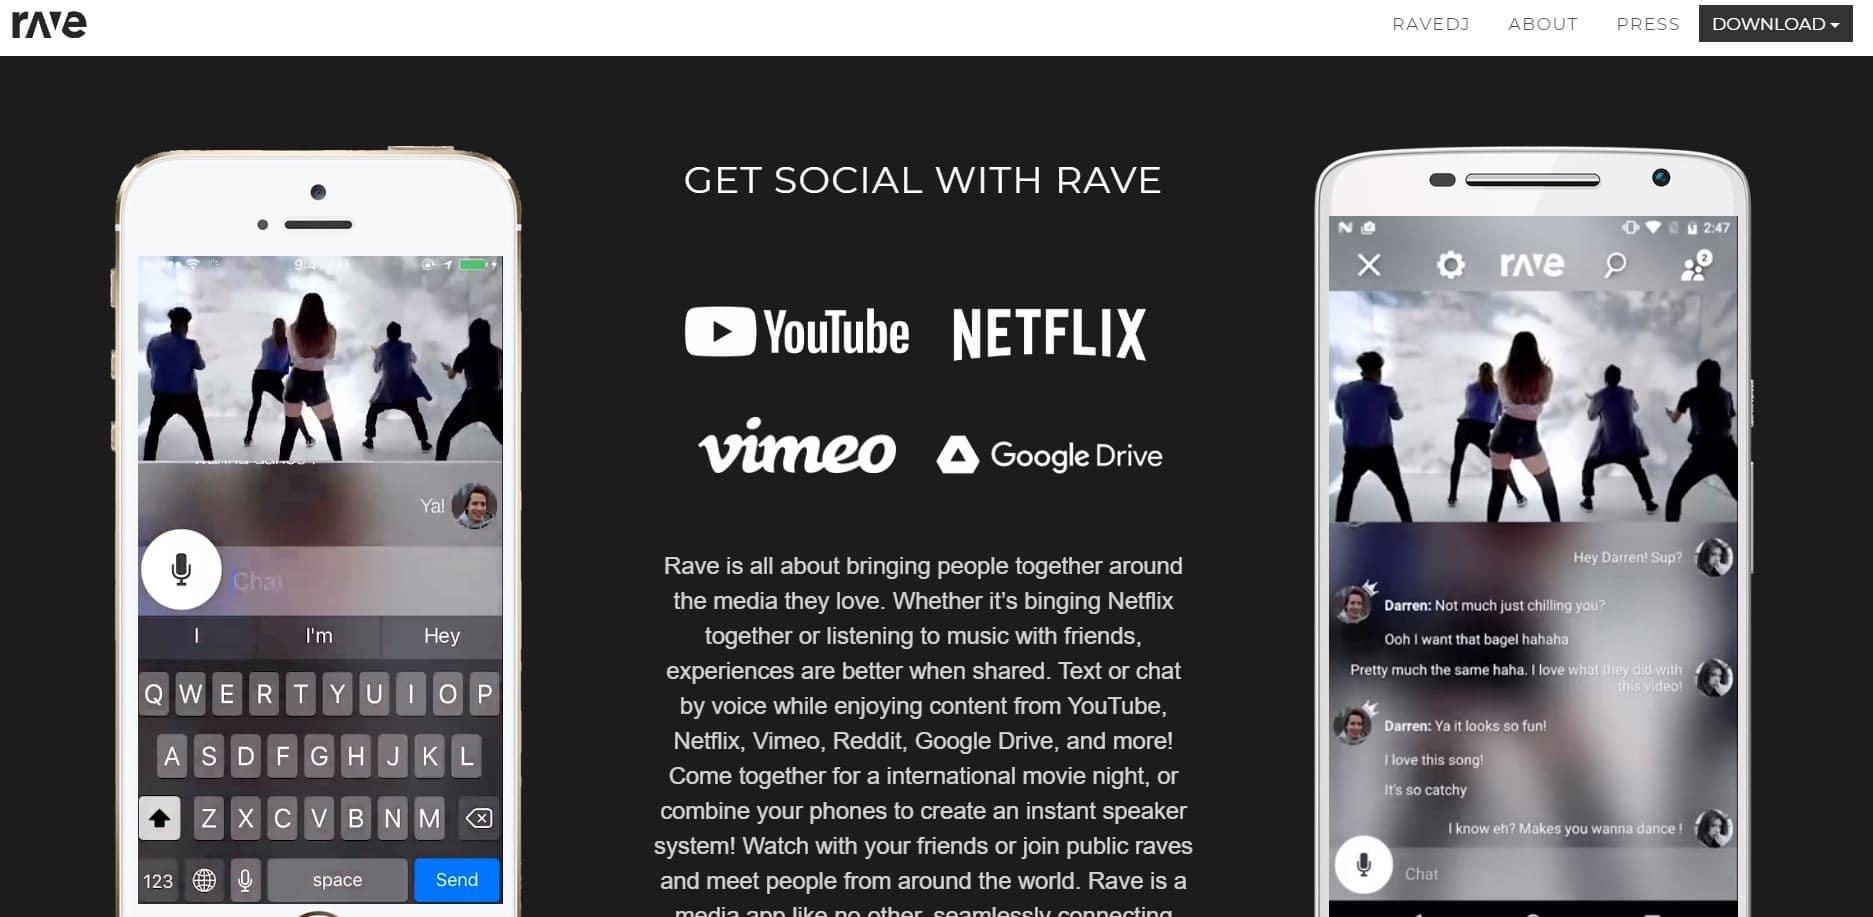 Rave website content streaming platform